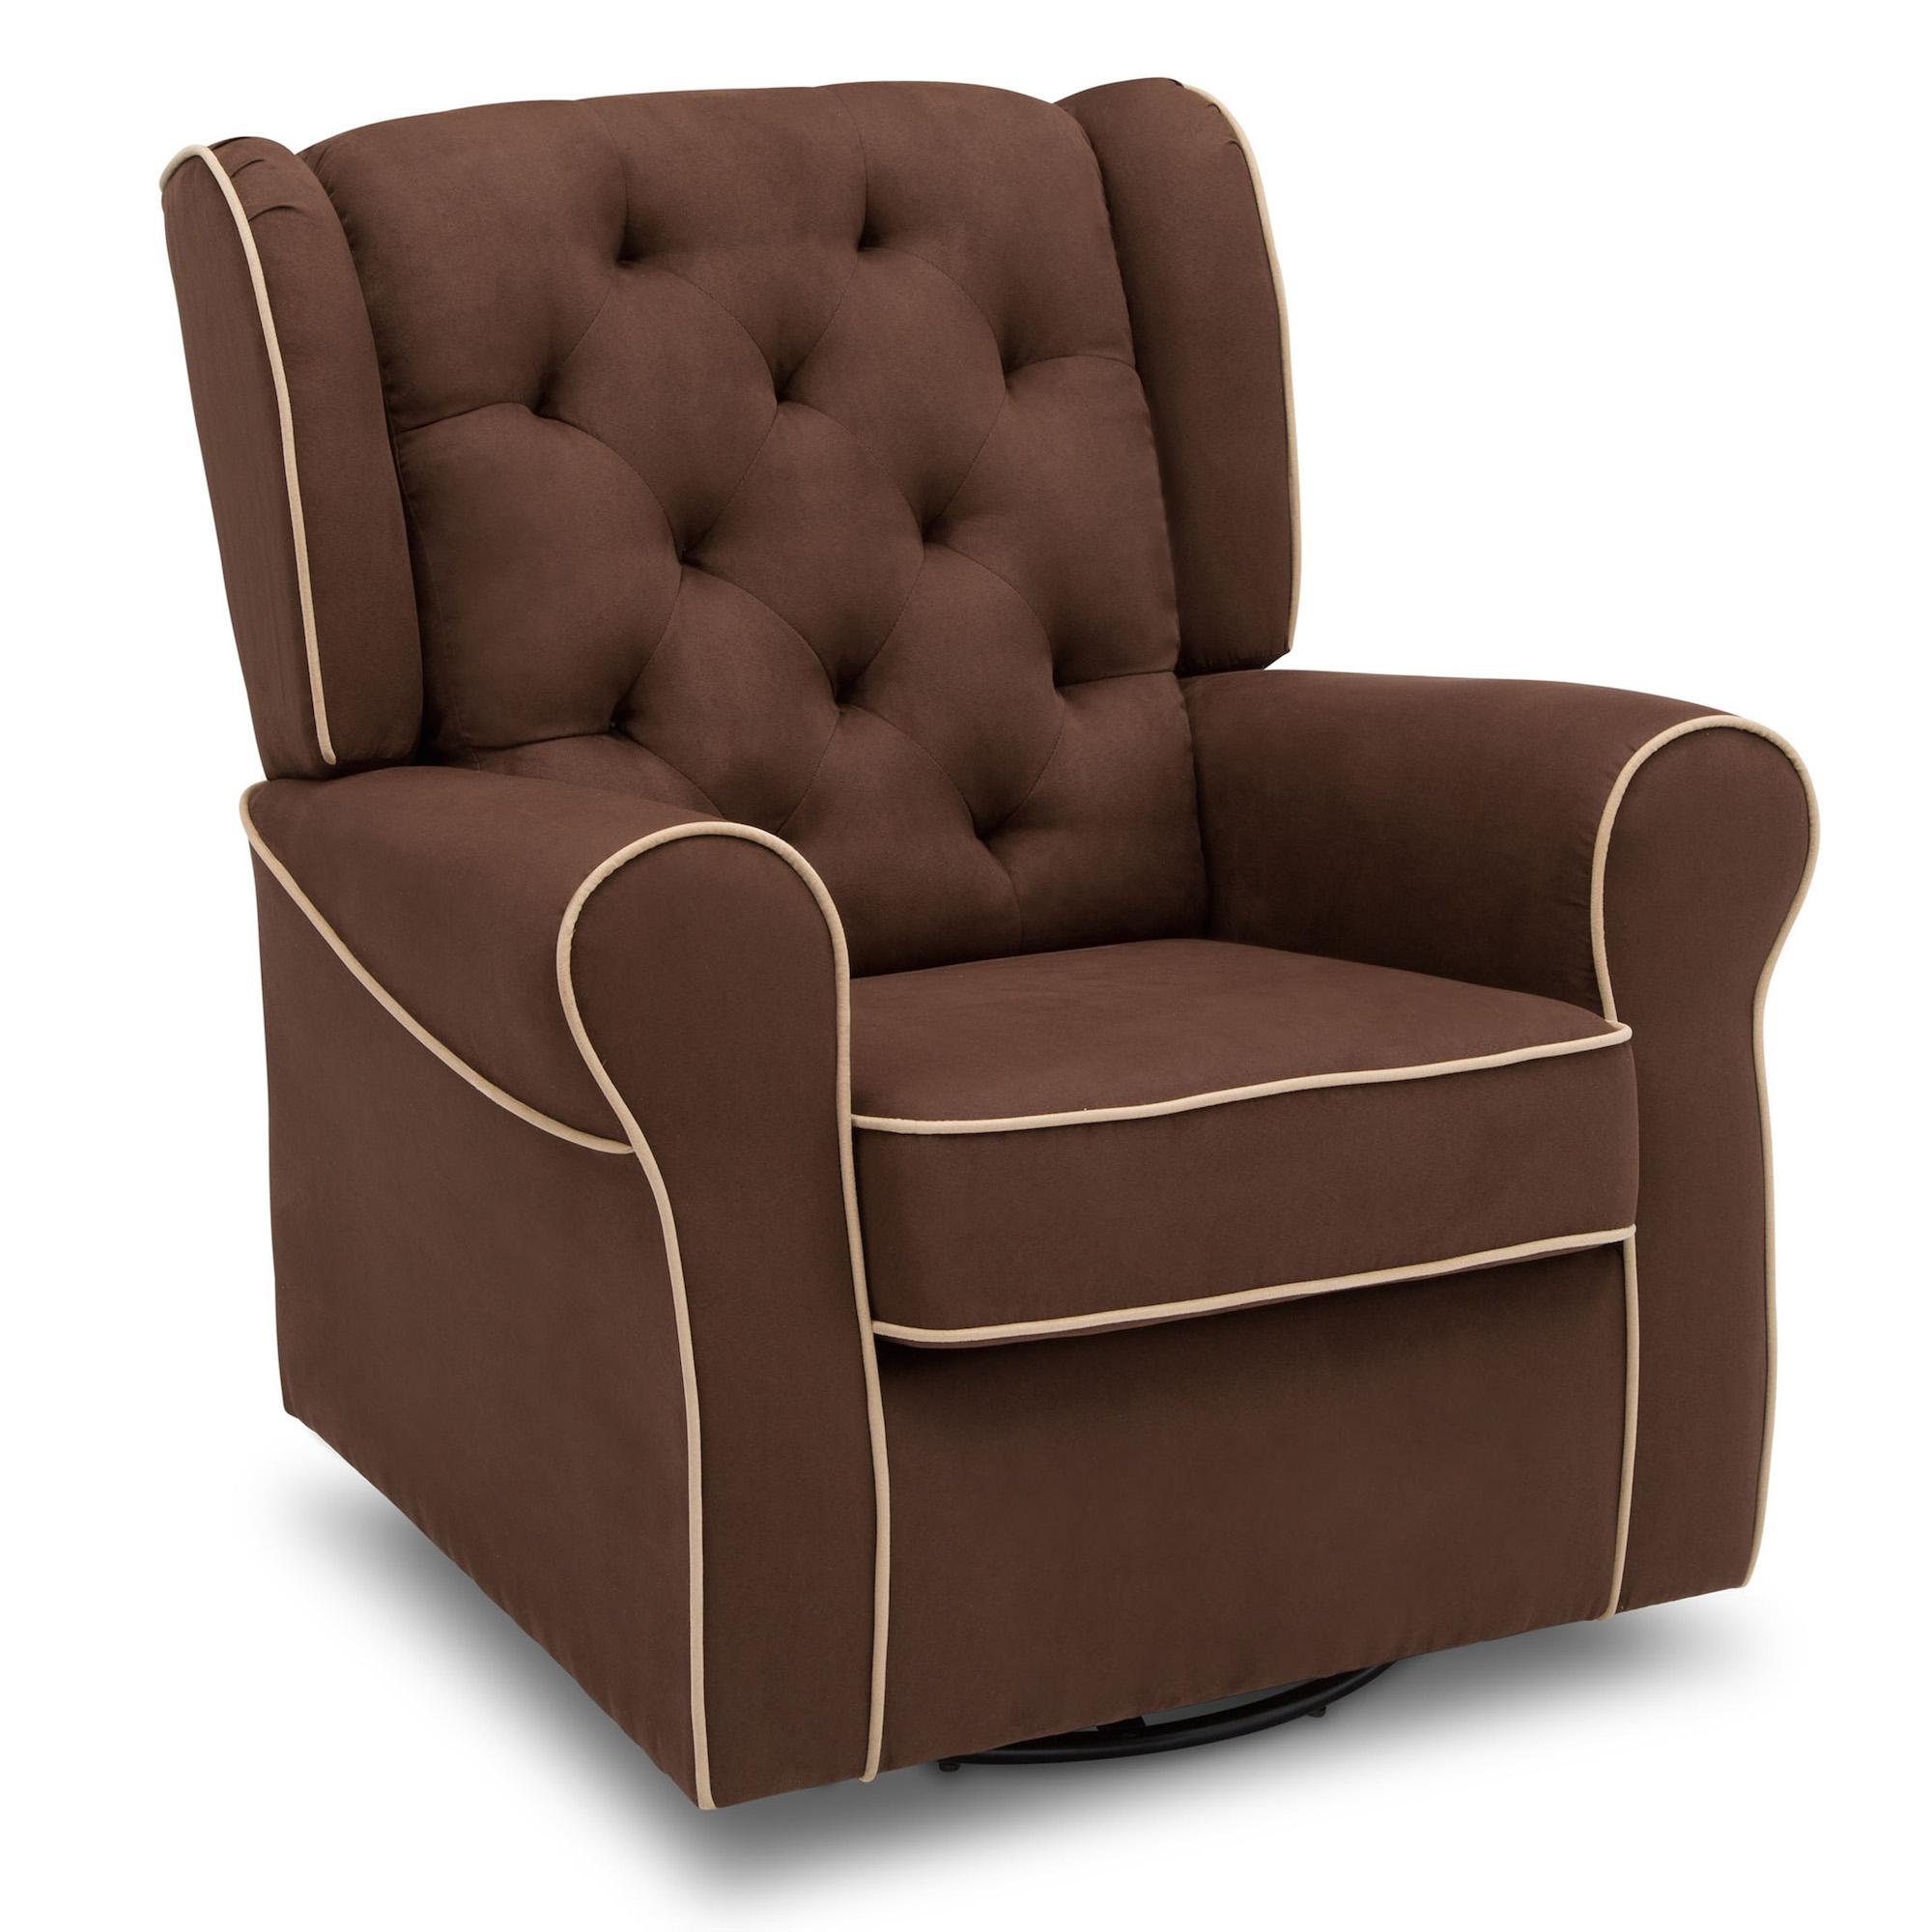 Click here to buy Delta Children Emerson Nursery Glider Swivel Rocker Chair, Cocoa with Beige Welt by Delta Children.